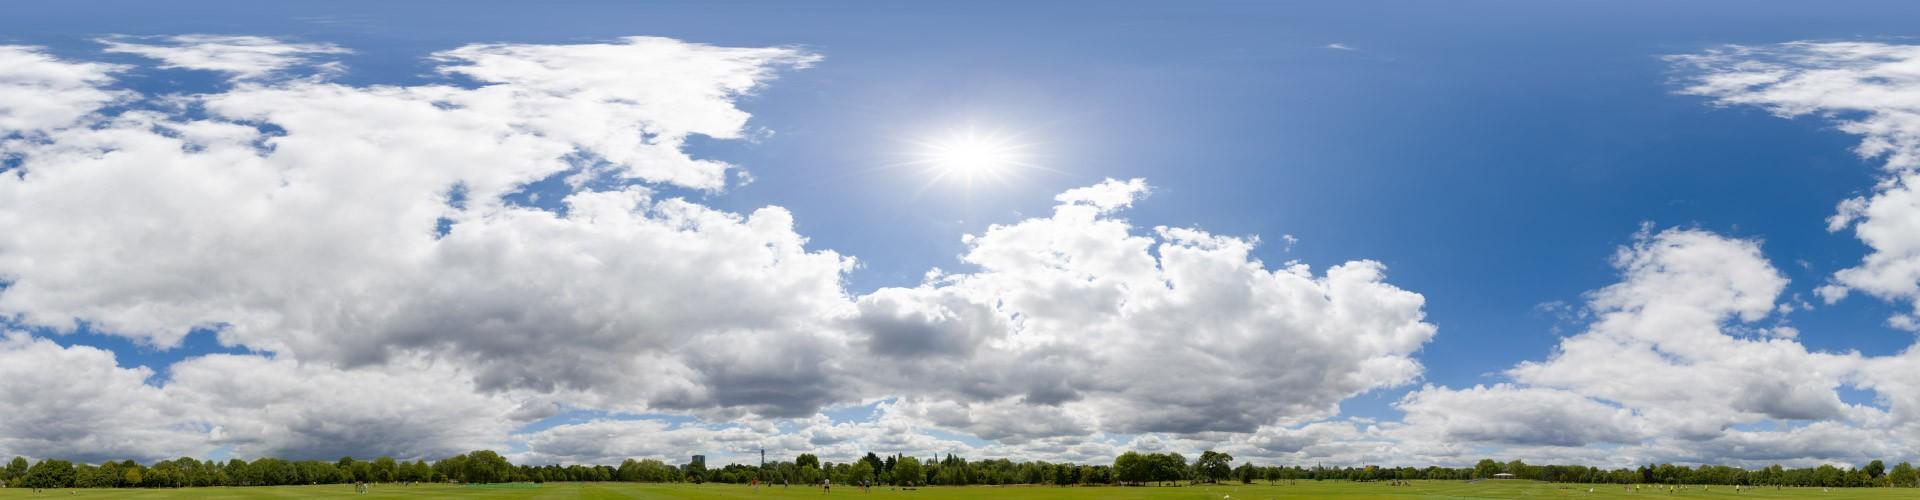 Sunny Clouds 7894 (30k) HDRI